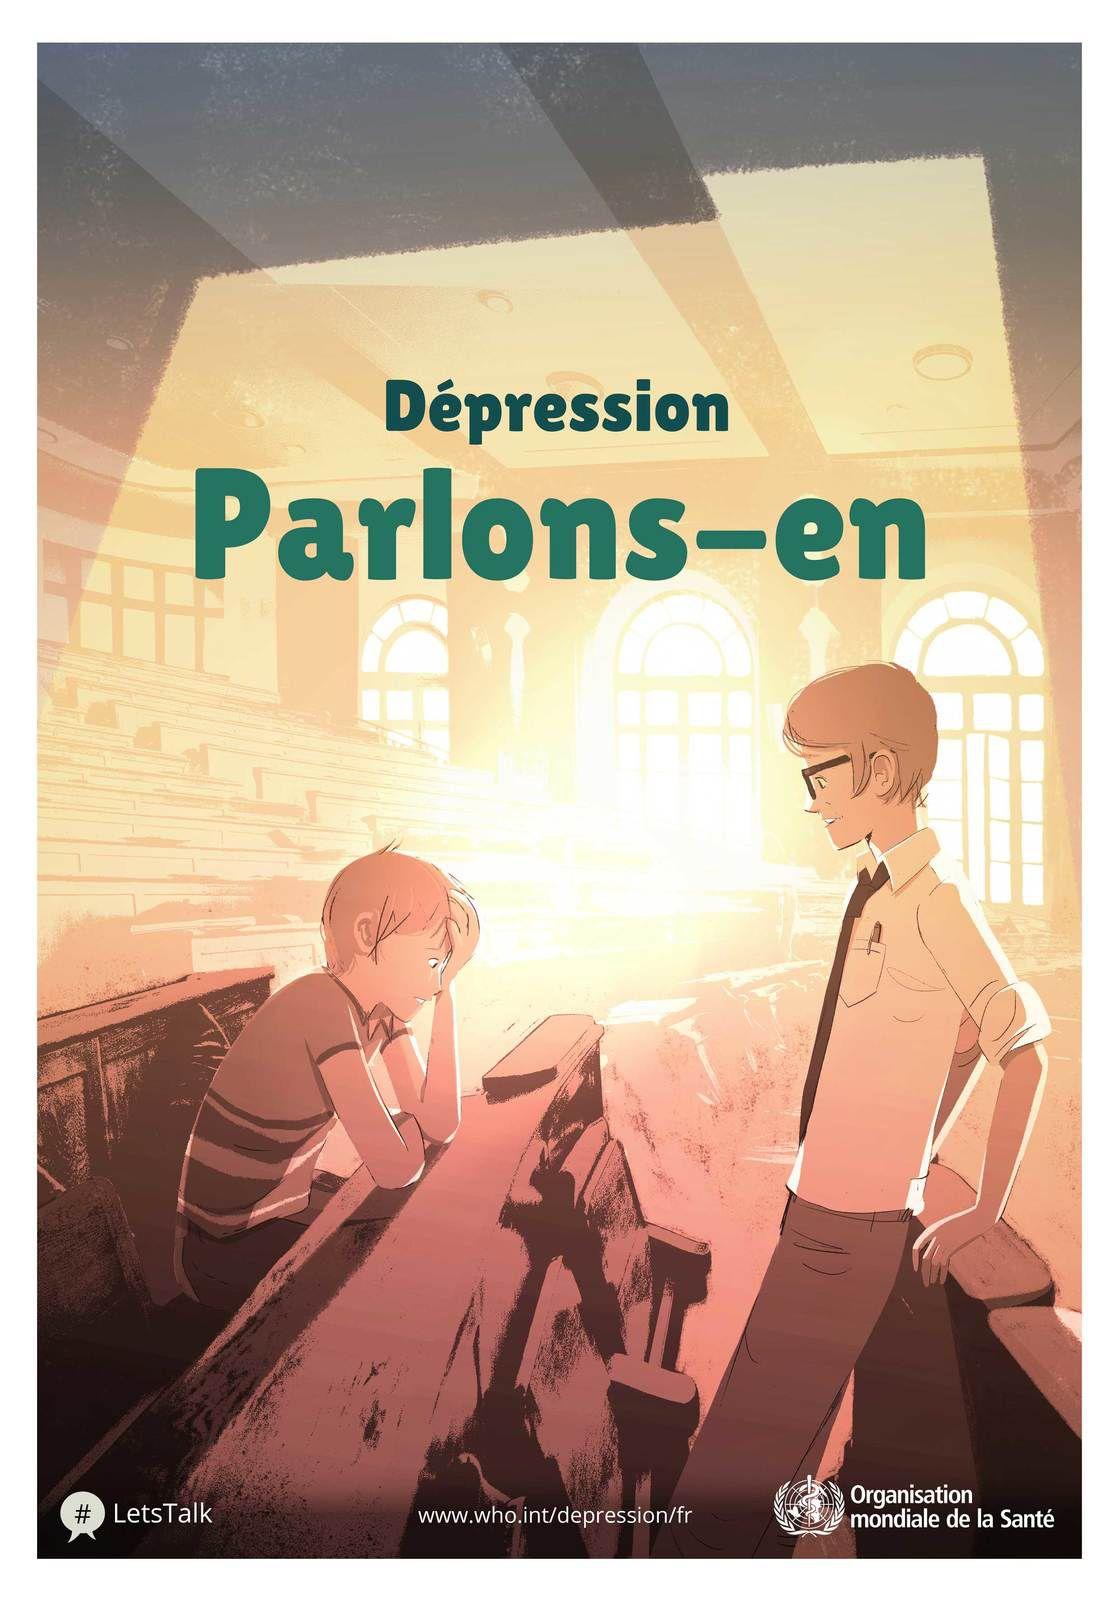 La dépression peut se manifester très tôt